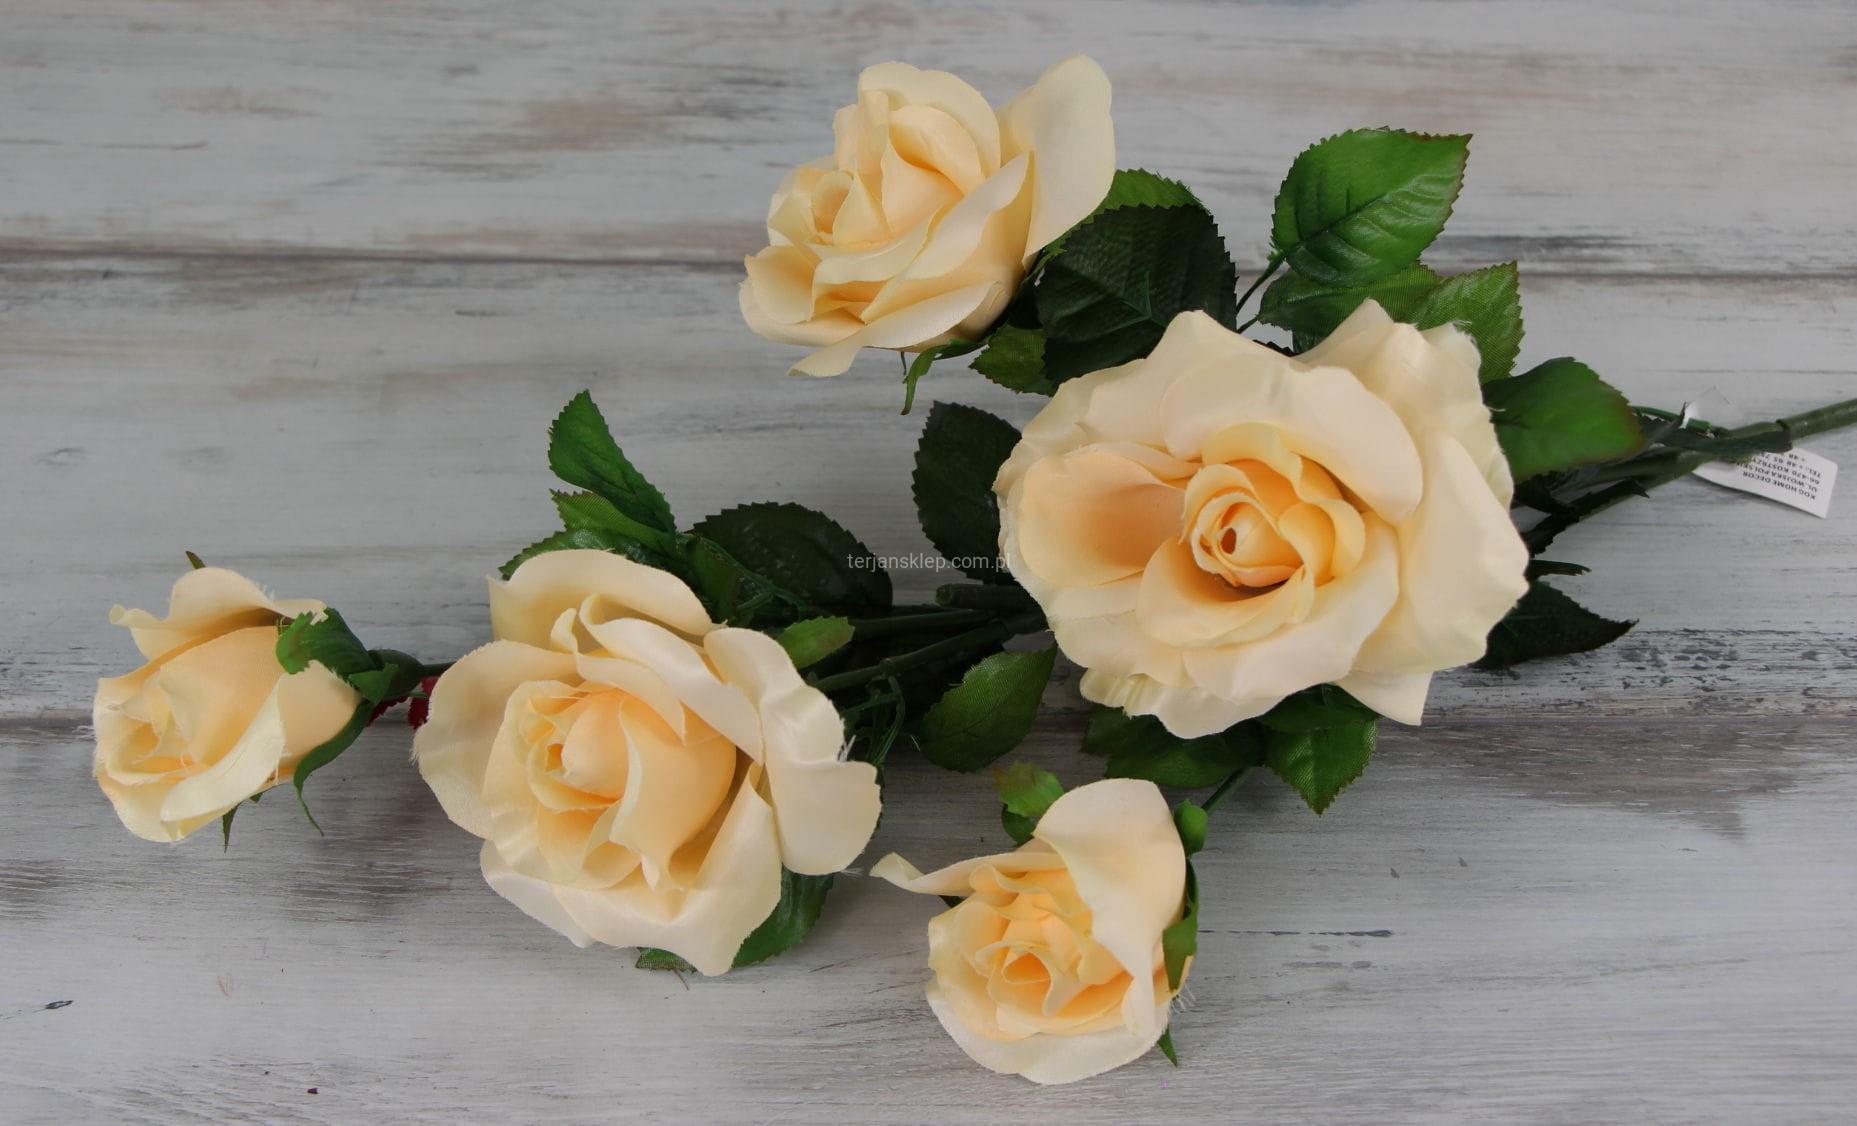 1ba6f166624c44 Róża gał. C1237 A/C masełkowa - Sklep internetowy TERJAN hurtownia ...